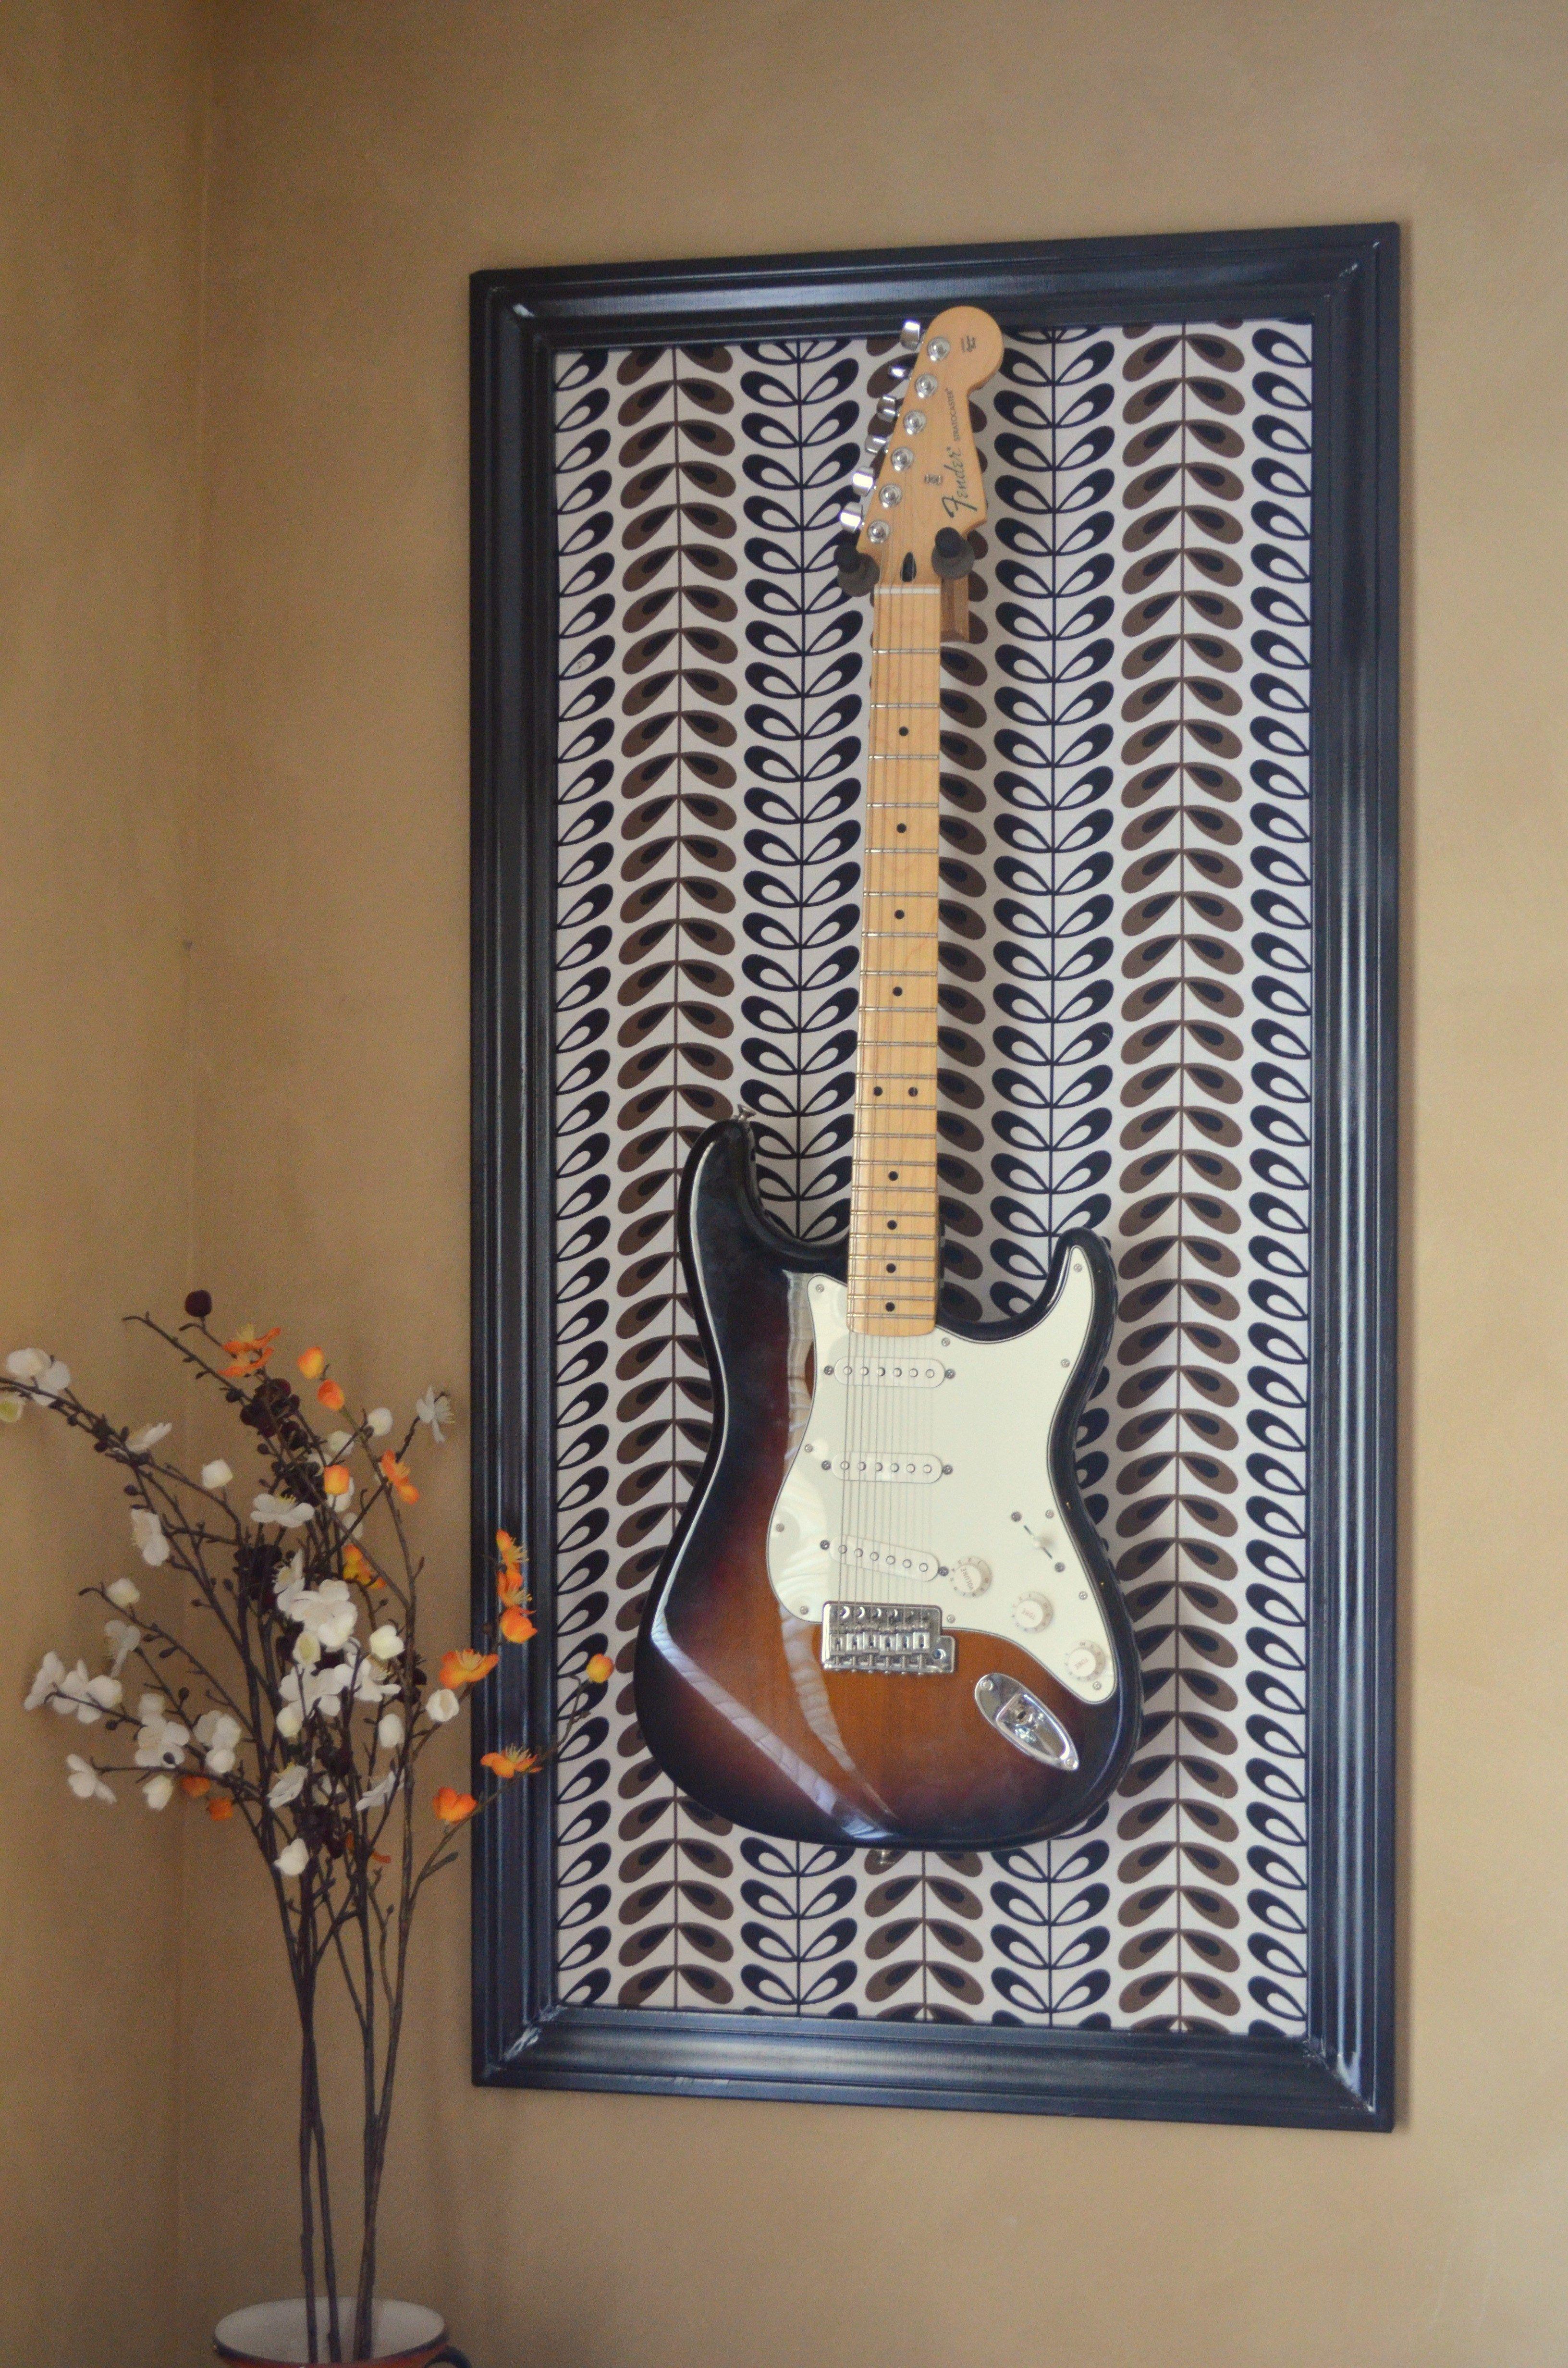 Guitar Hanger DIY guitar frame frame out of wood trim primed and